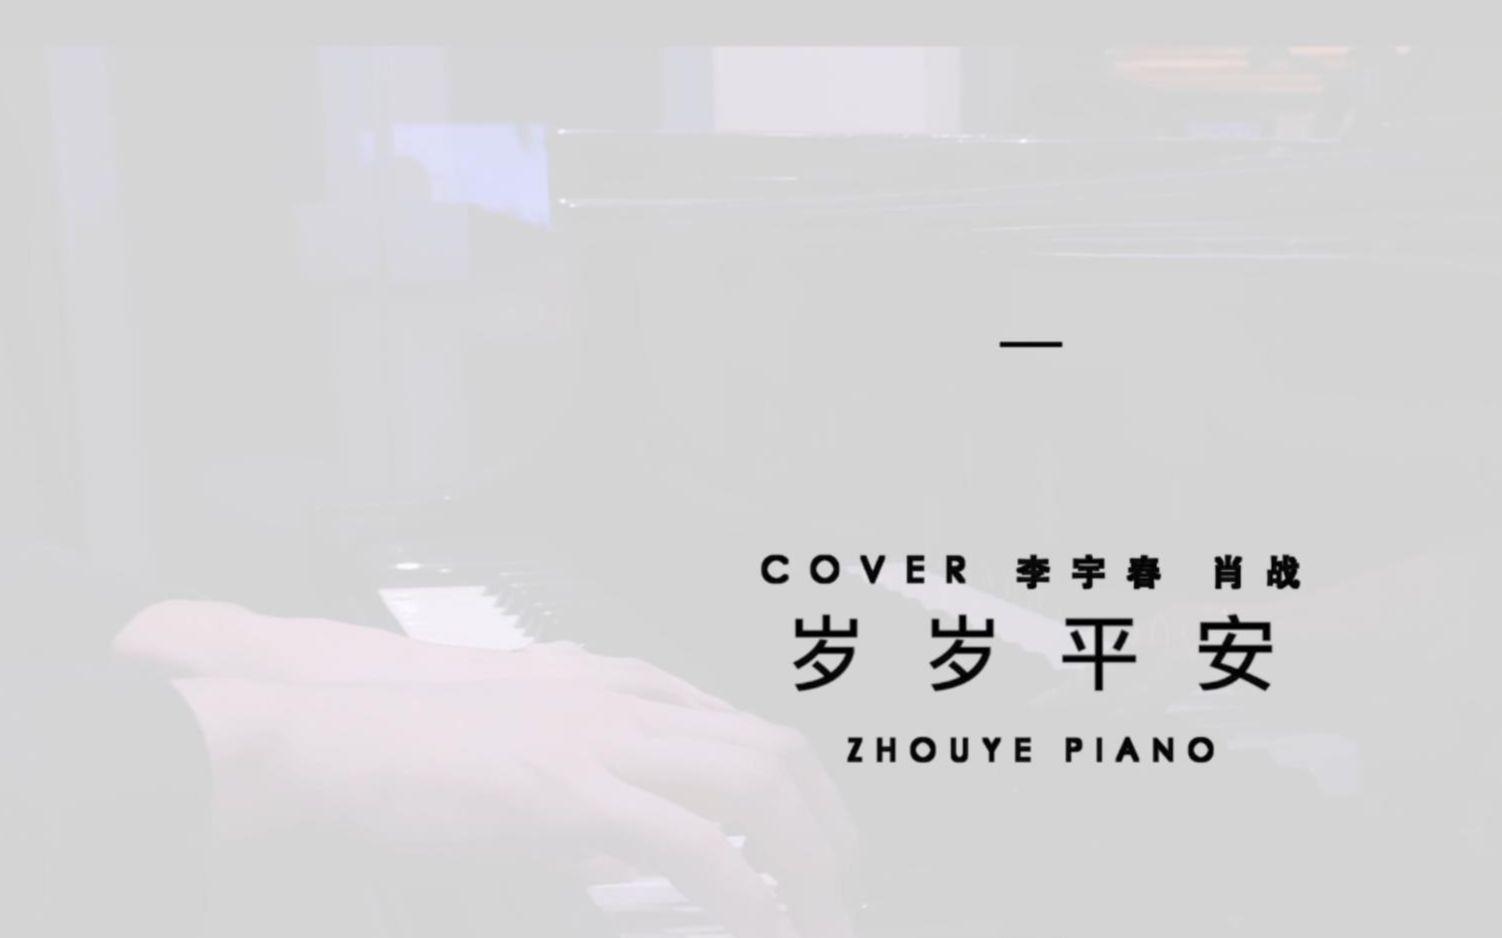 【昼夜钢琴】岁岁平安 - COVER 李宇春 肖战_哔哩哔哩 (゜-゜)つロ 干杯~-bilibili